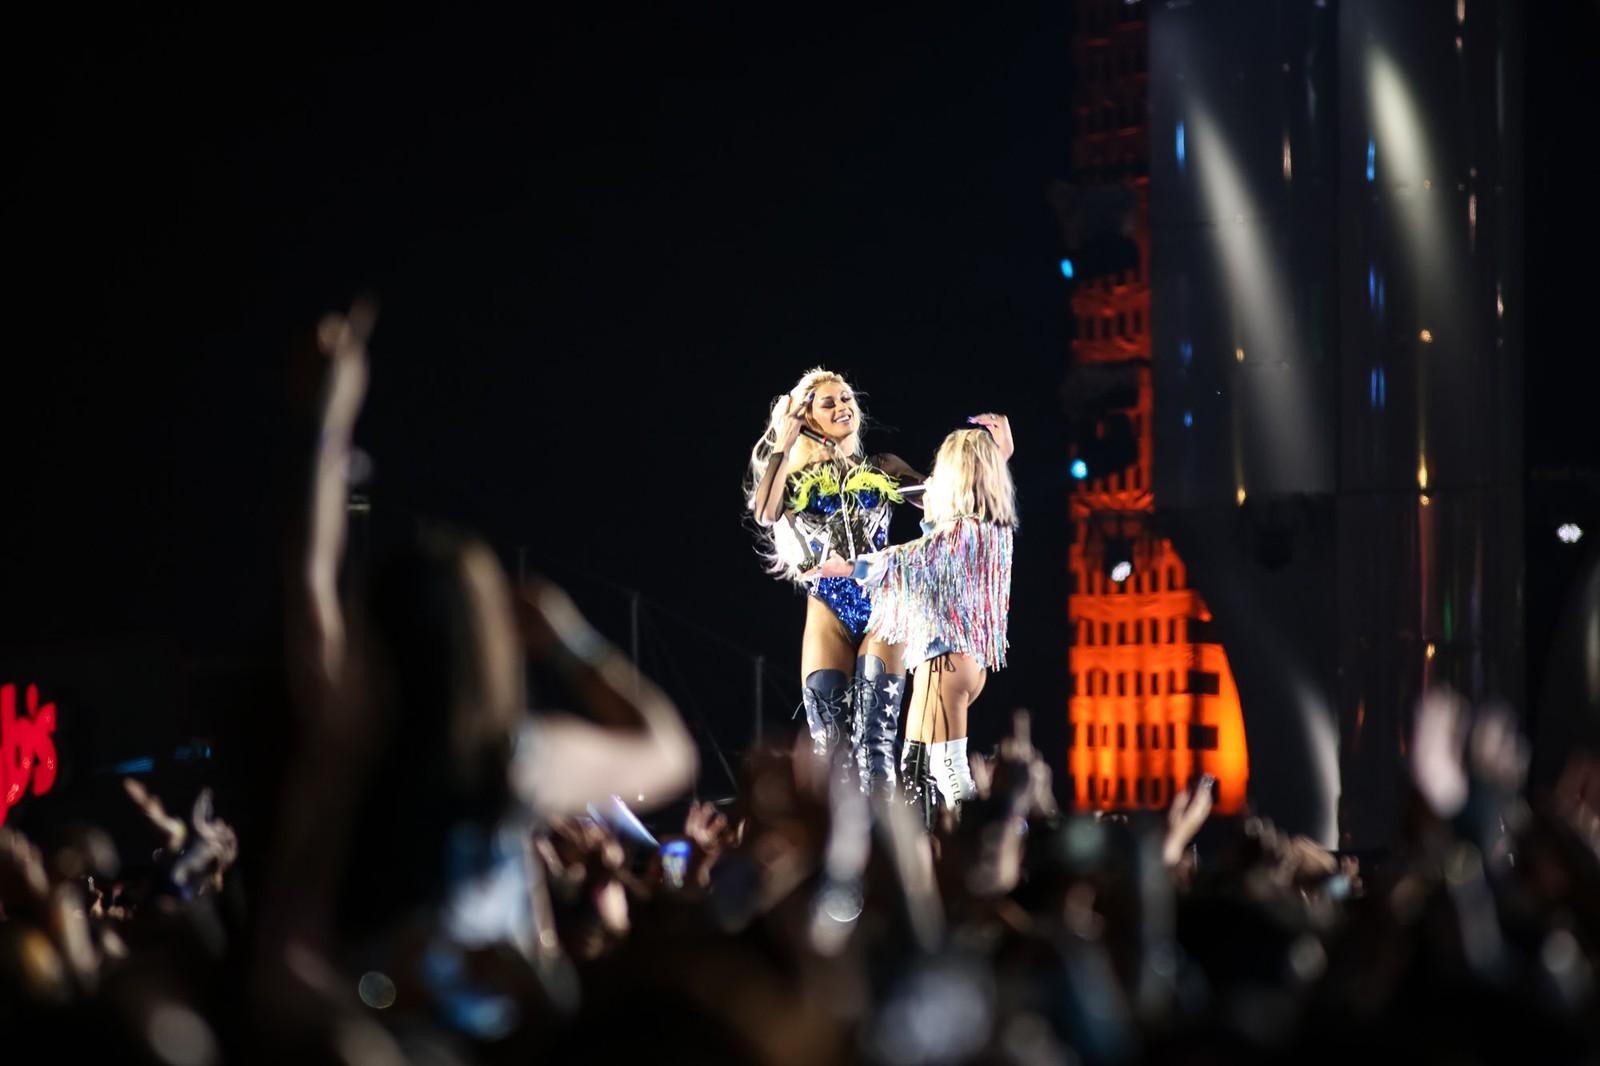 Pabllo Vittar faz participação surpresa em show da Fergie no Rock in Rio